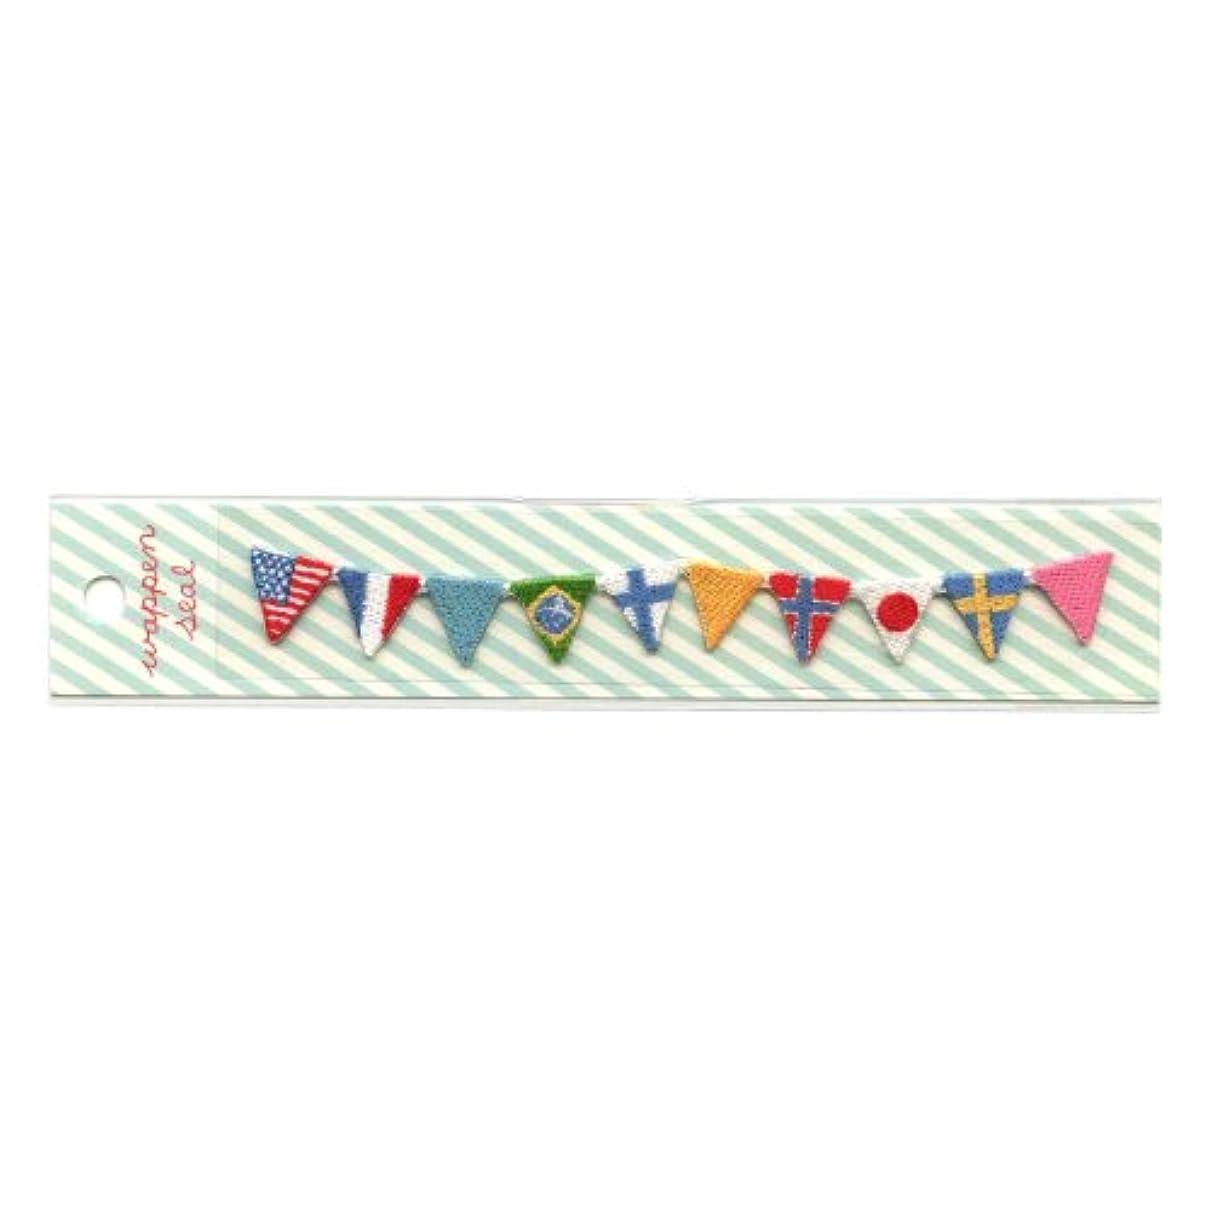 ビヨン海岸追うリュリュ 刺繍ワッペンシール 国旗 SWS−12